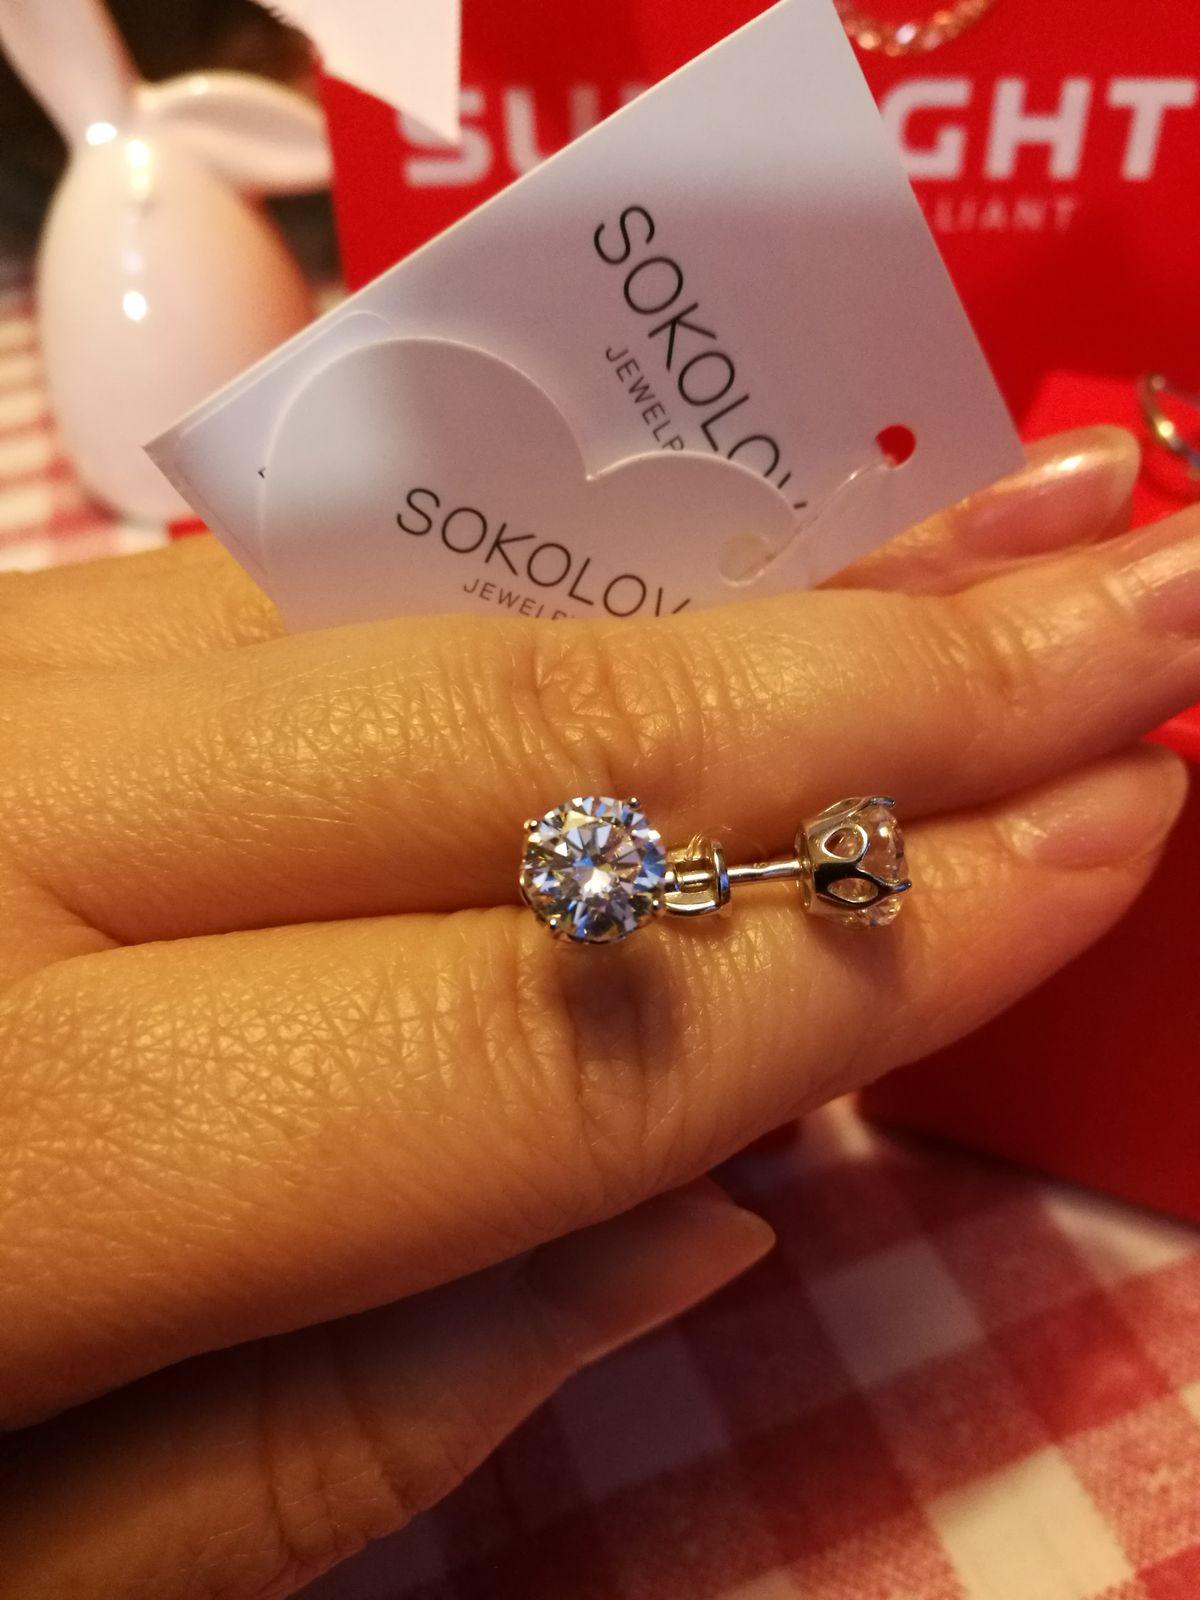 Серебрянные серьги с кристалами swarovski от ТМ SOKOLOV.